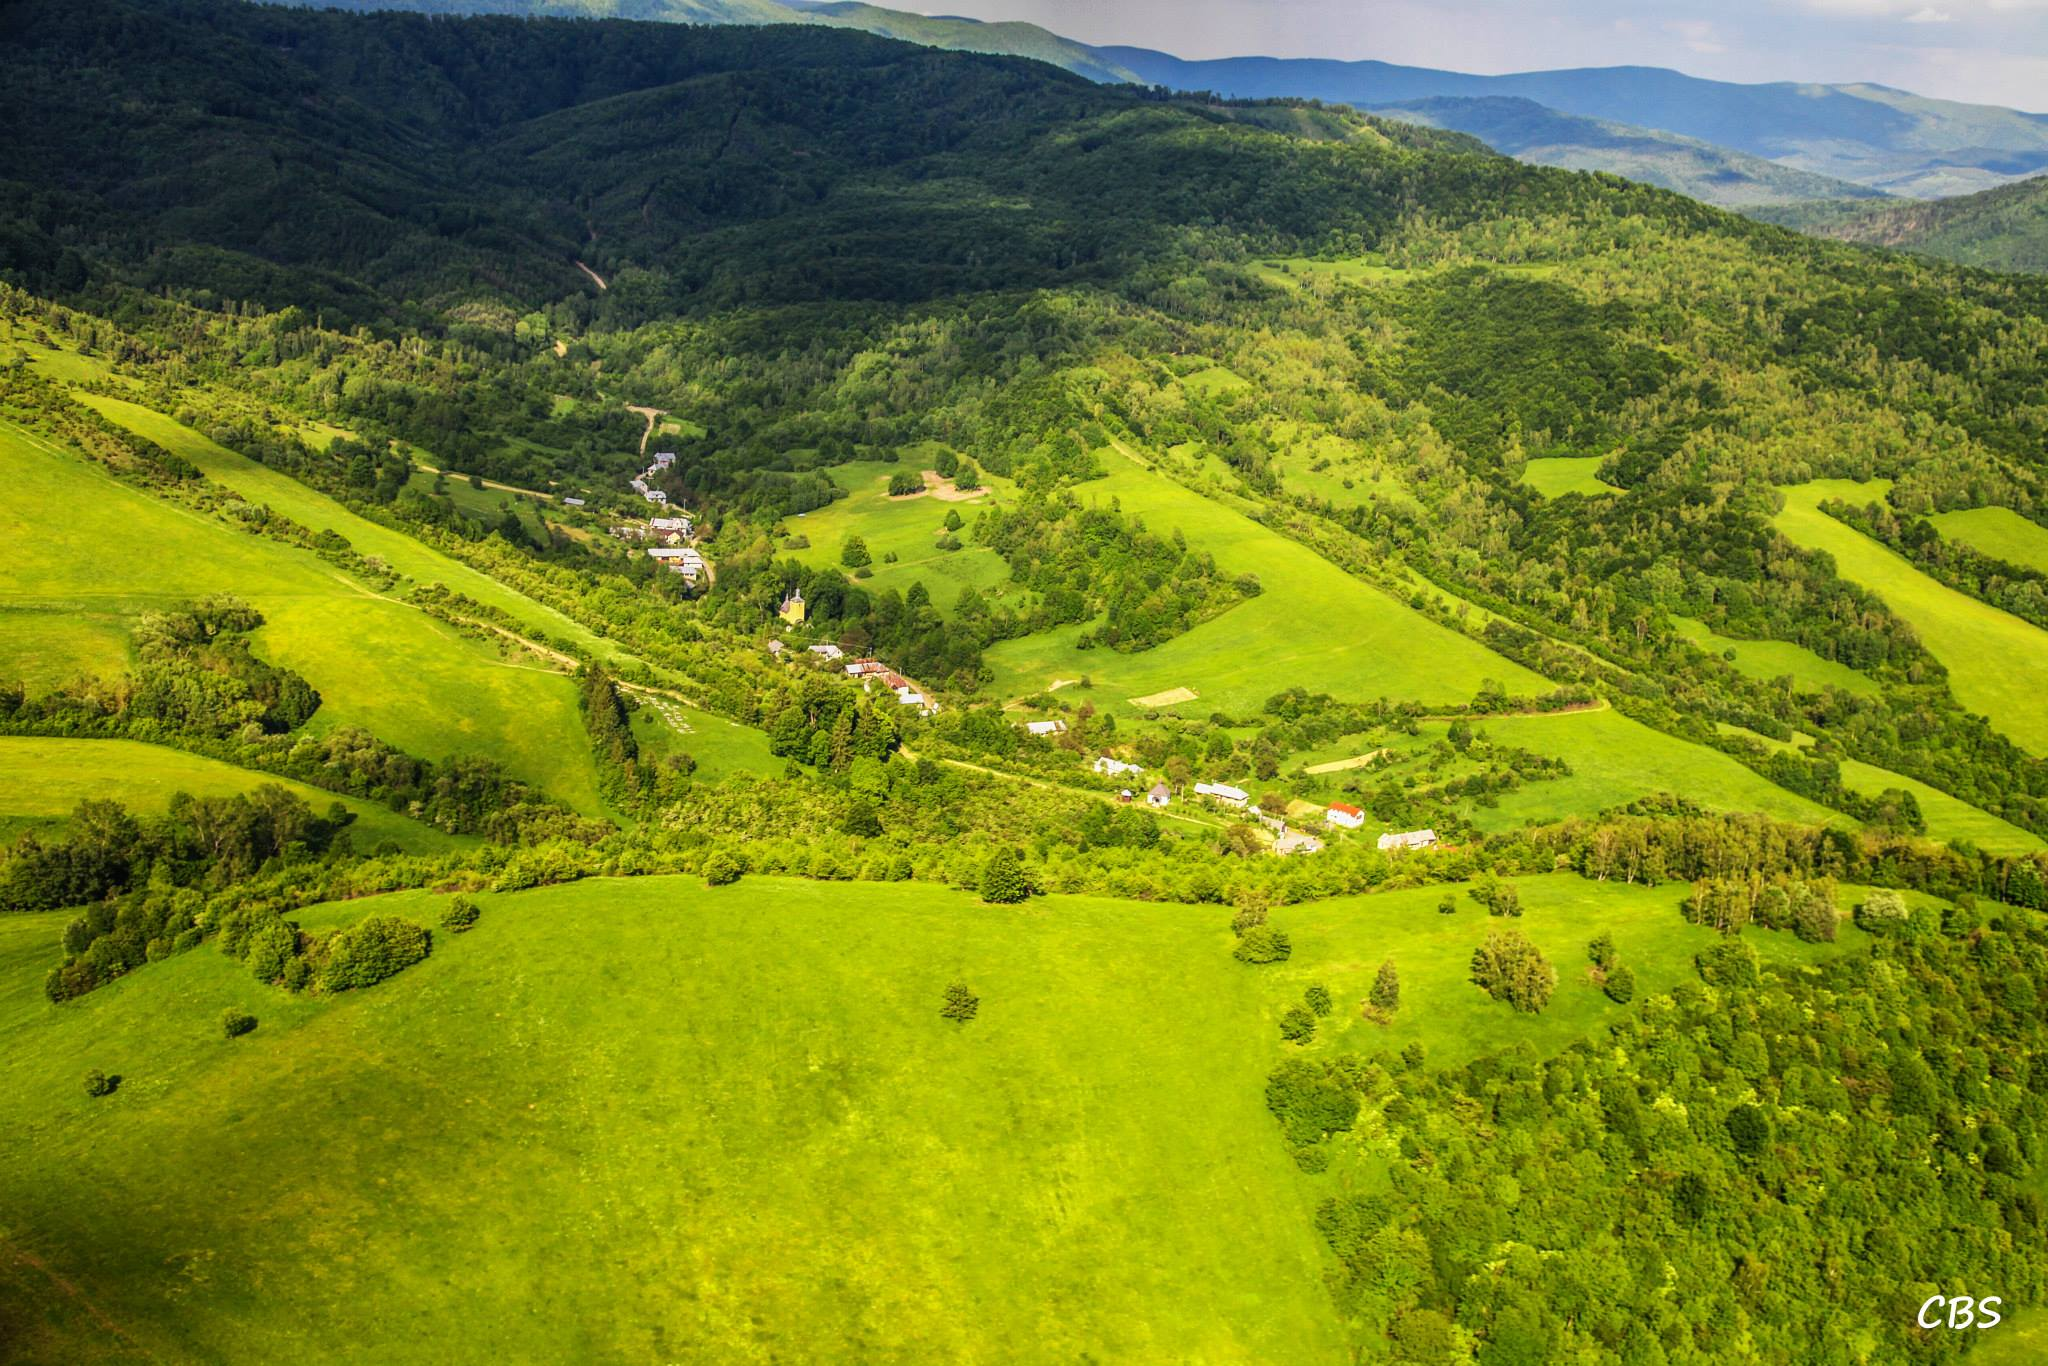 nadmorská výška obce je 448 m n. m